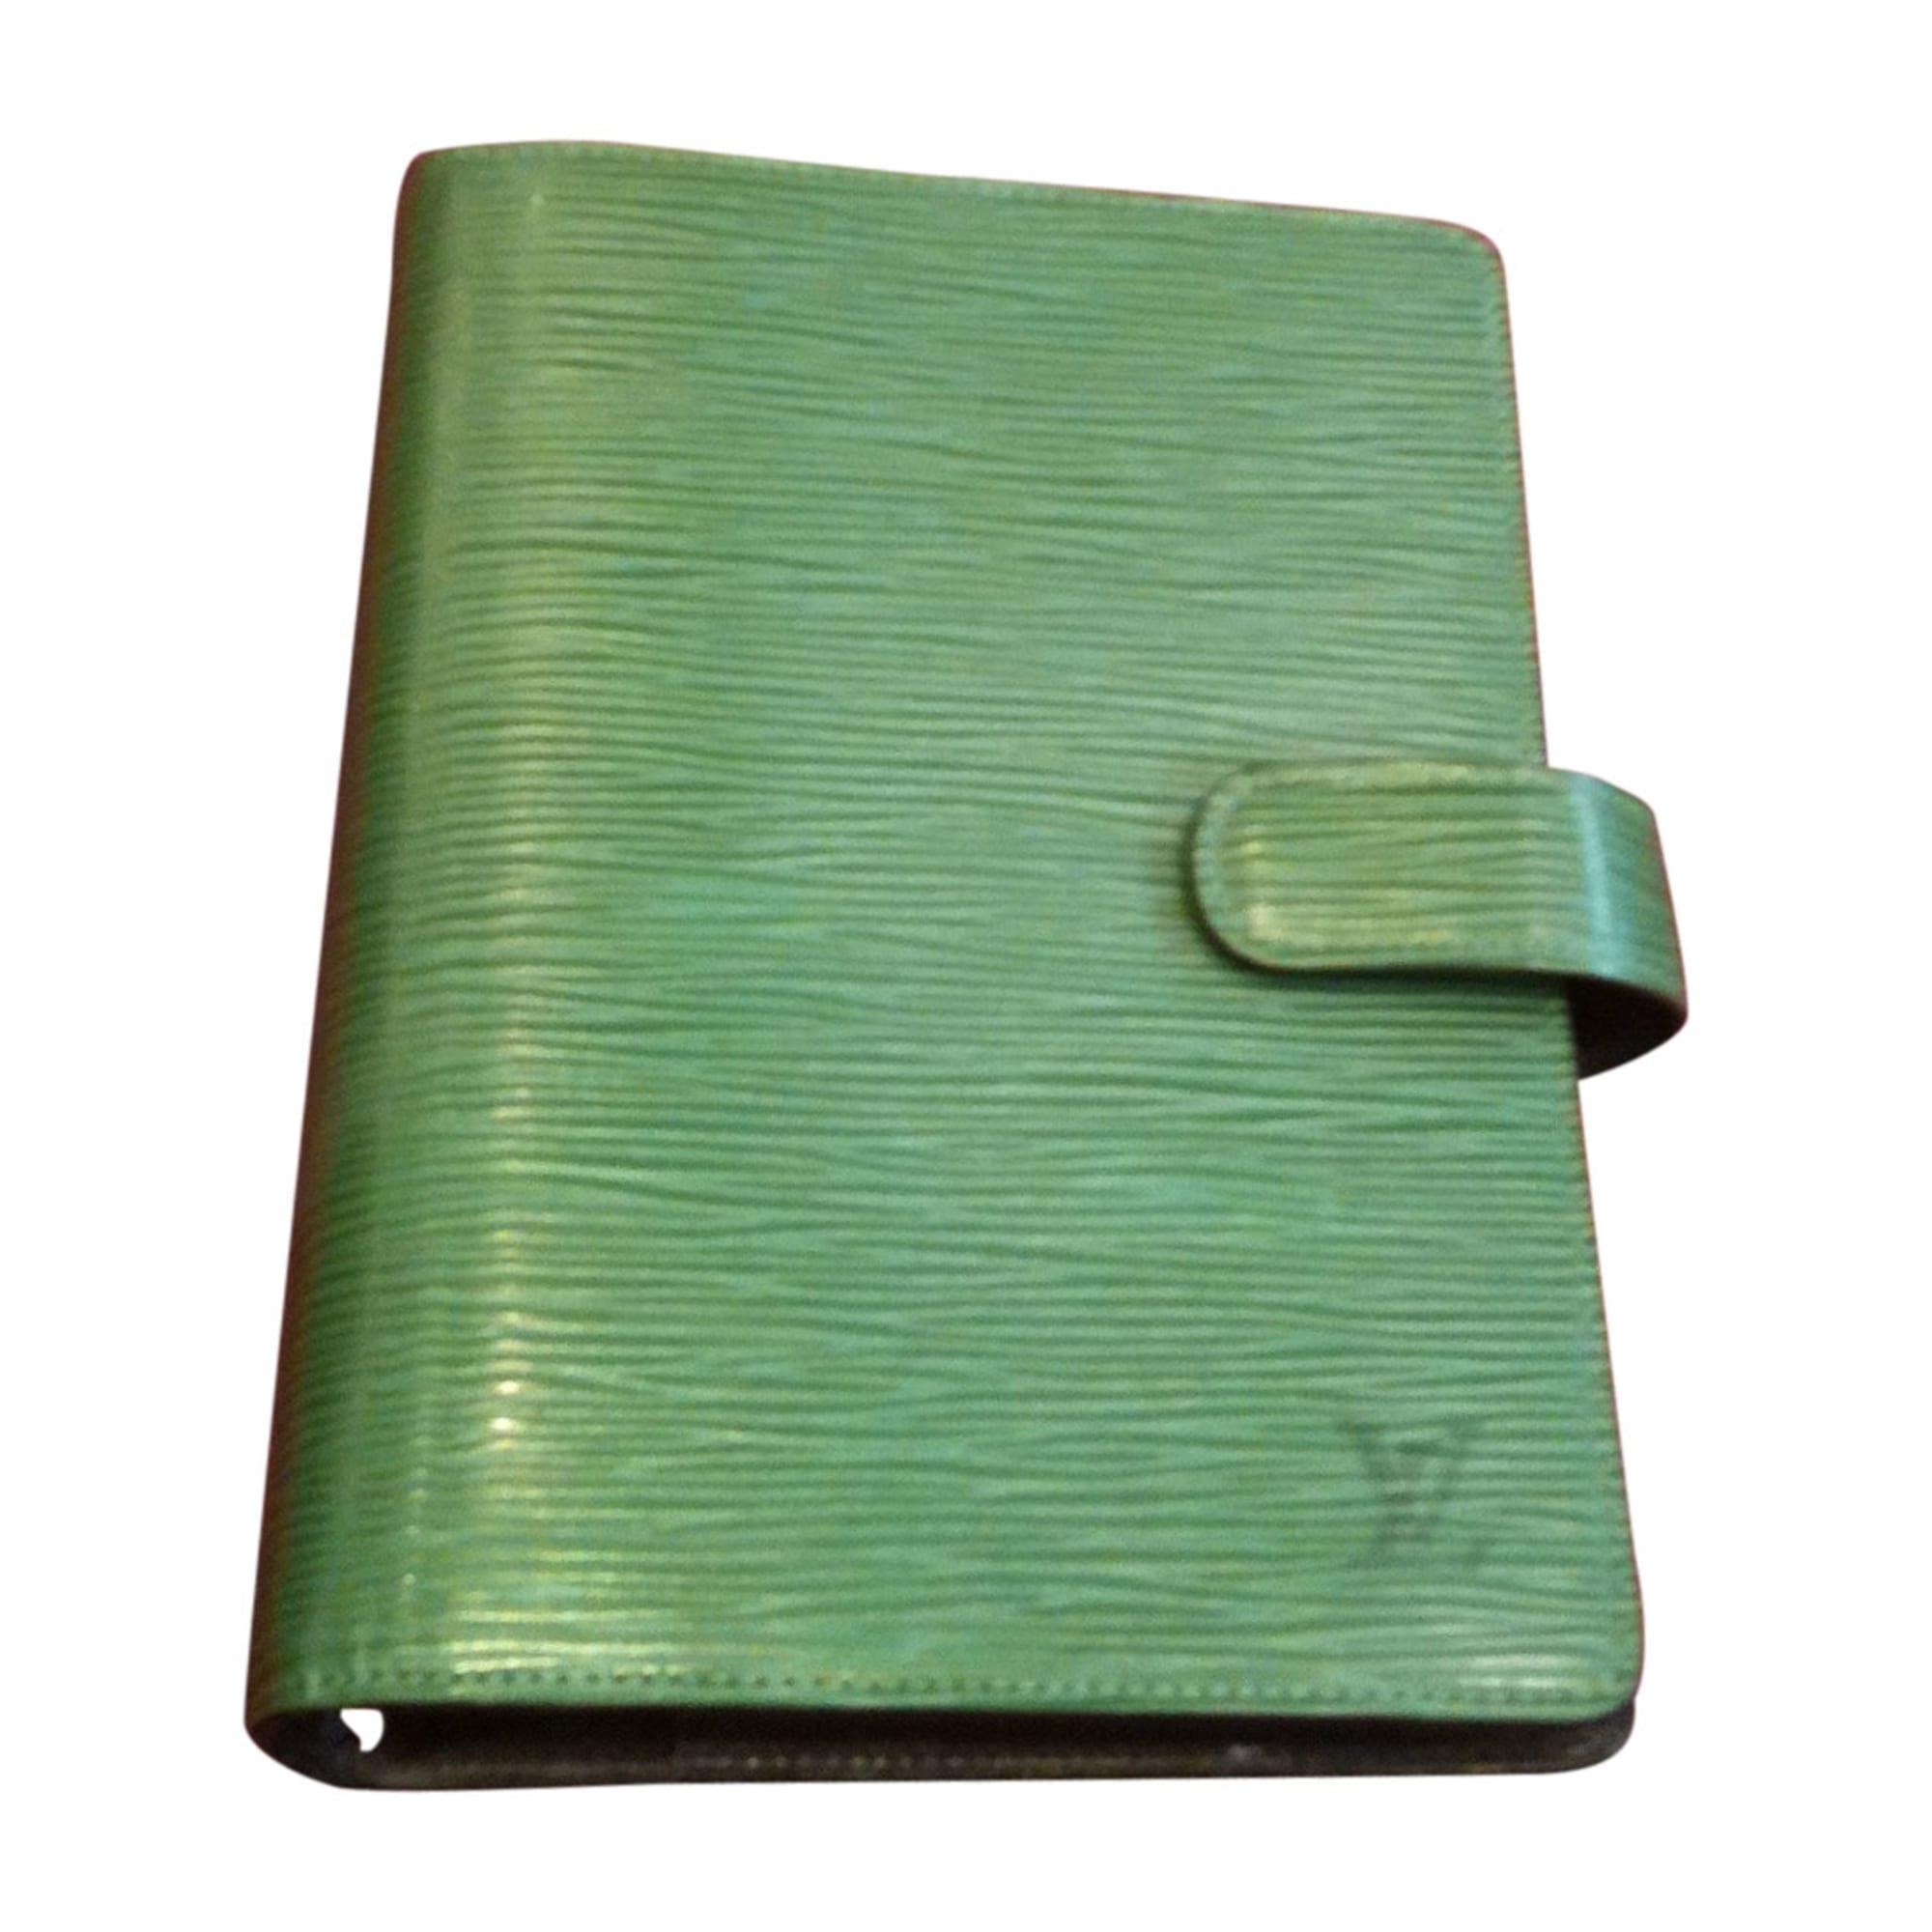 Porte-cartes LOUIS VUITTON vert vendu par Comptoir bordelais du ... a9544cd7086